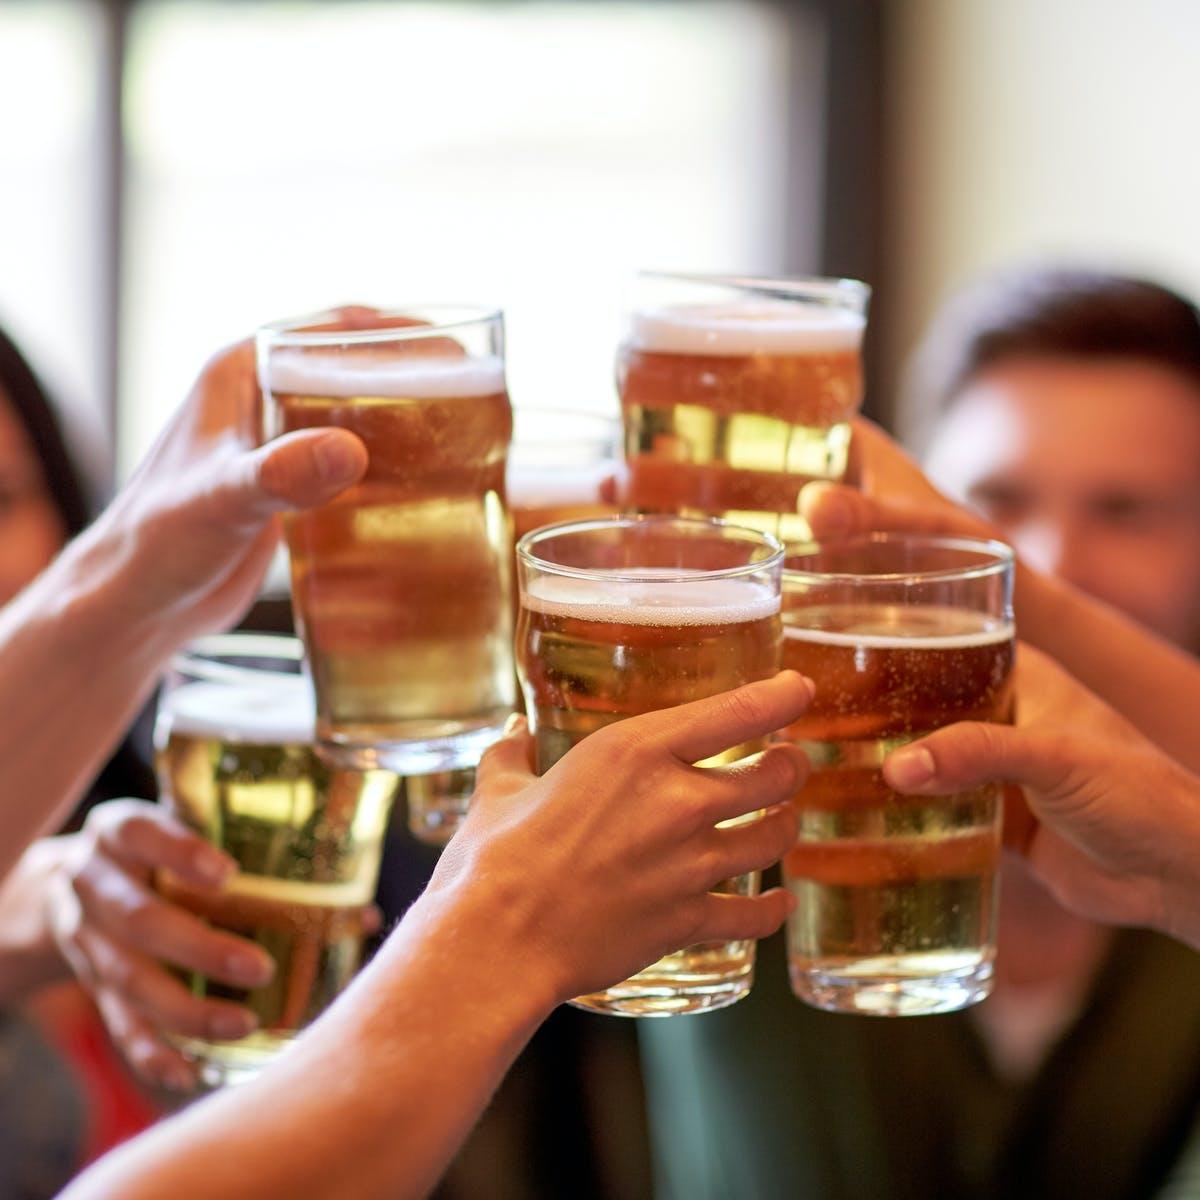 Галка не рекомендує: як впливають на здоров'я різні види алкоголю